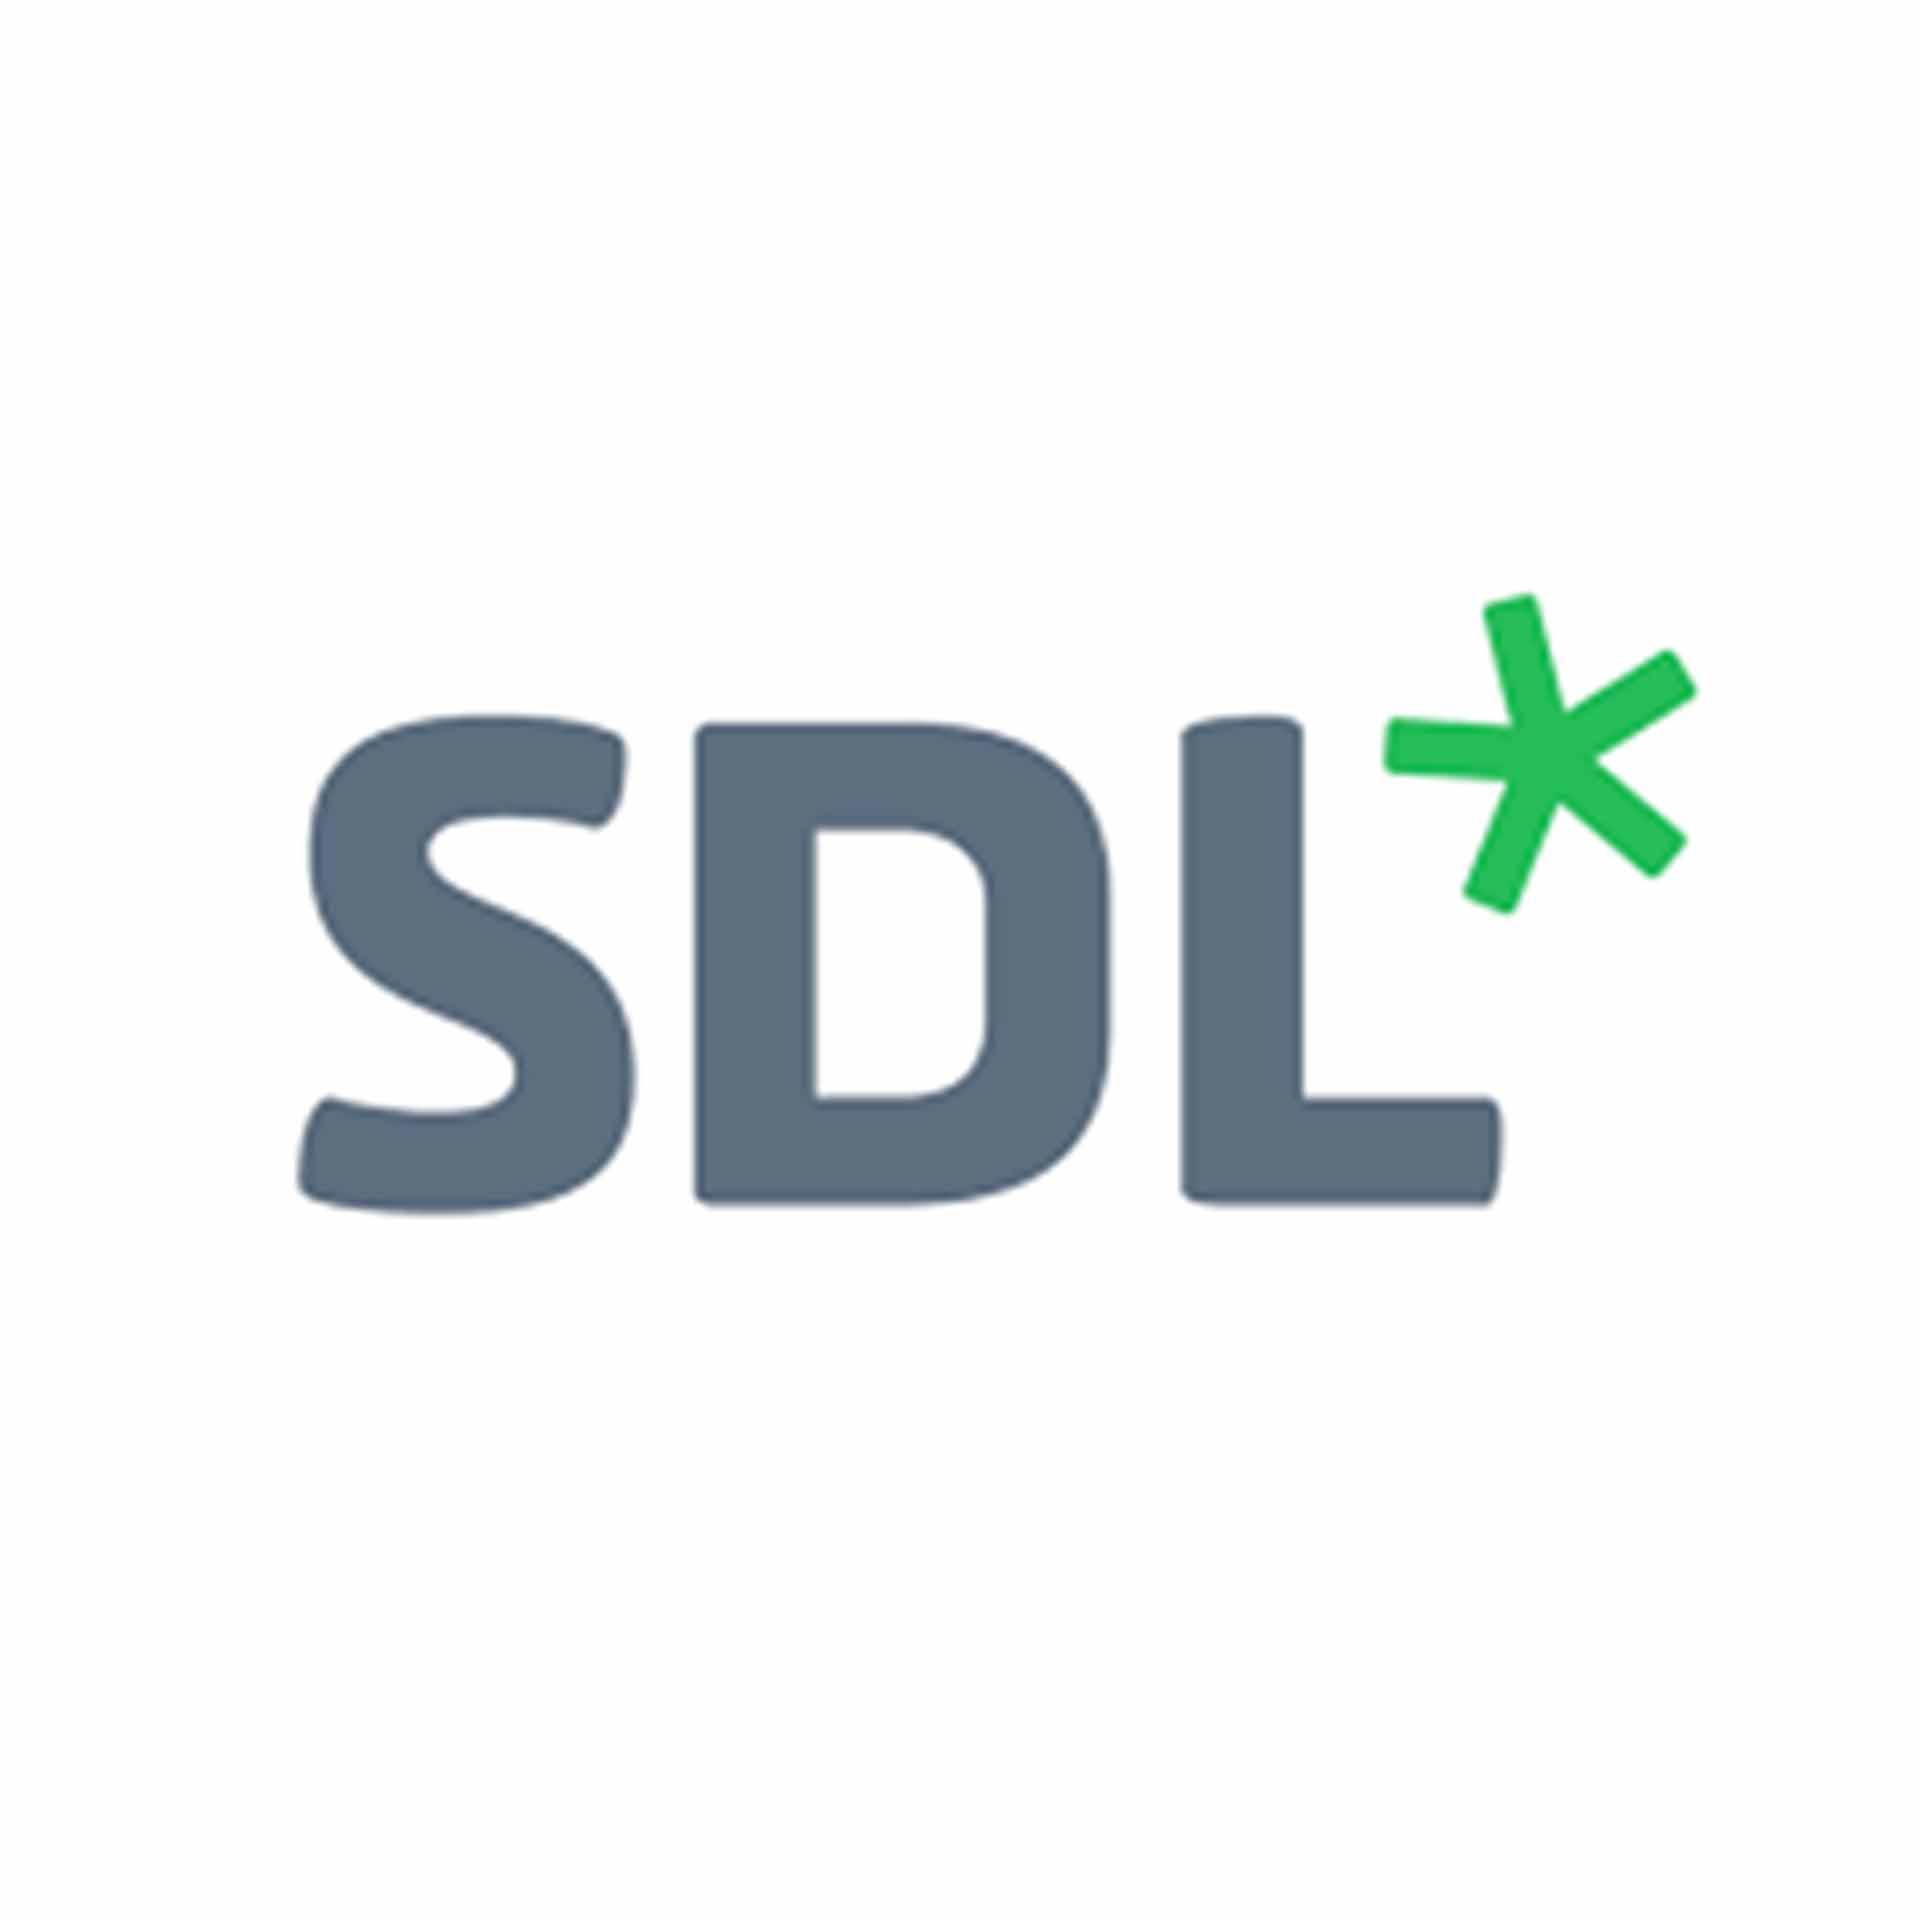 SDL patrat